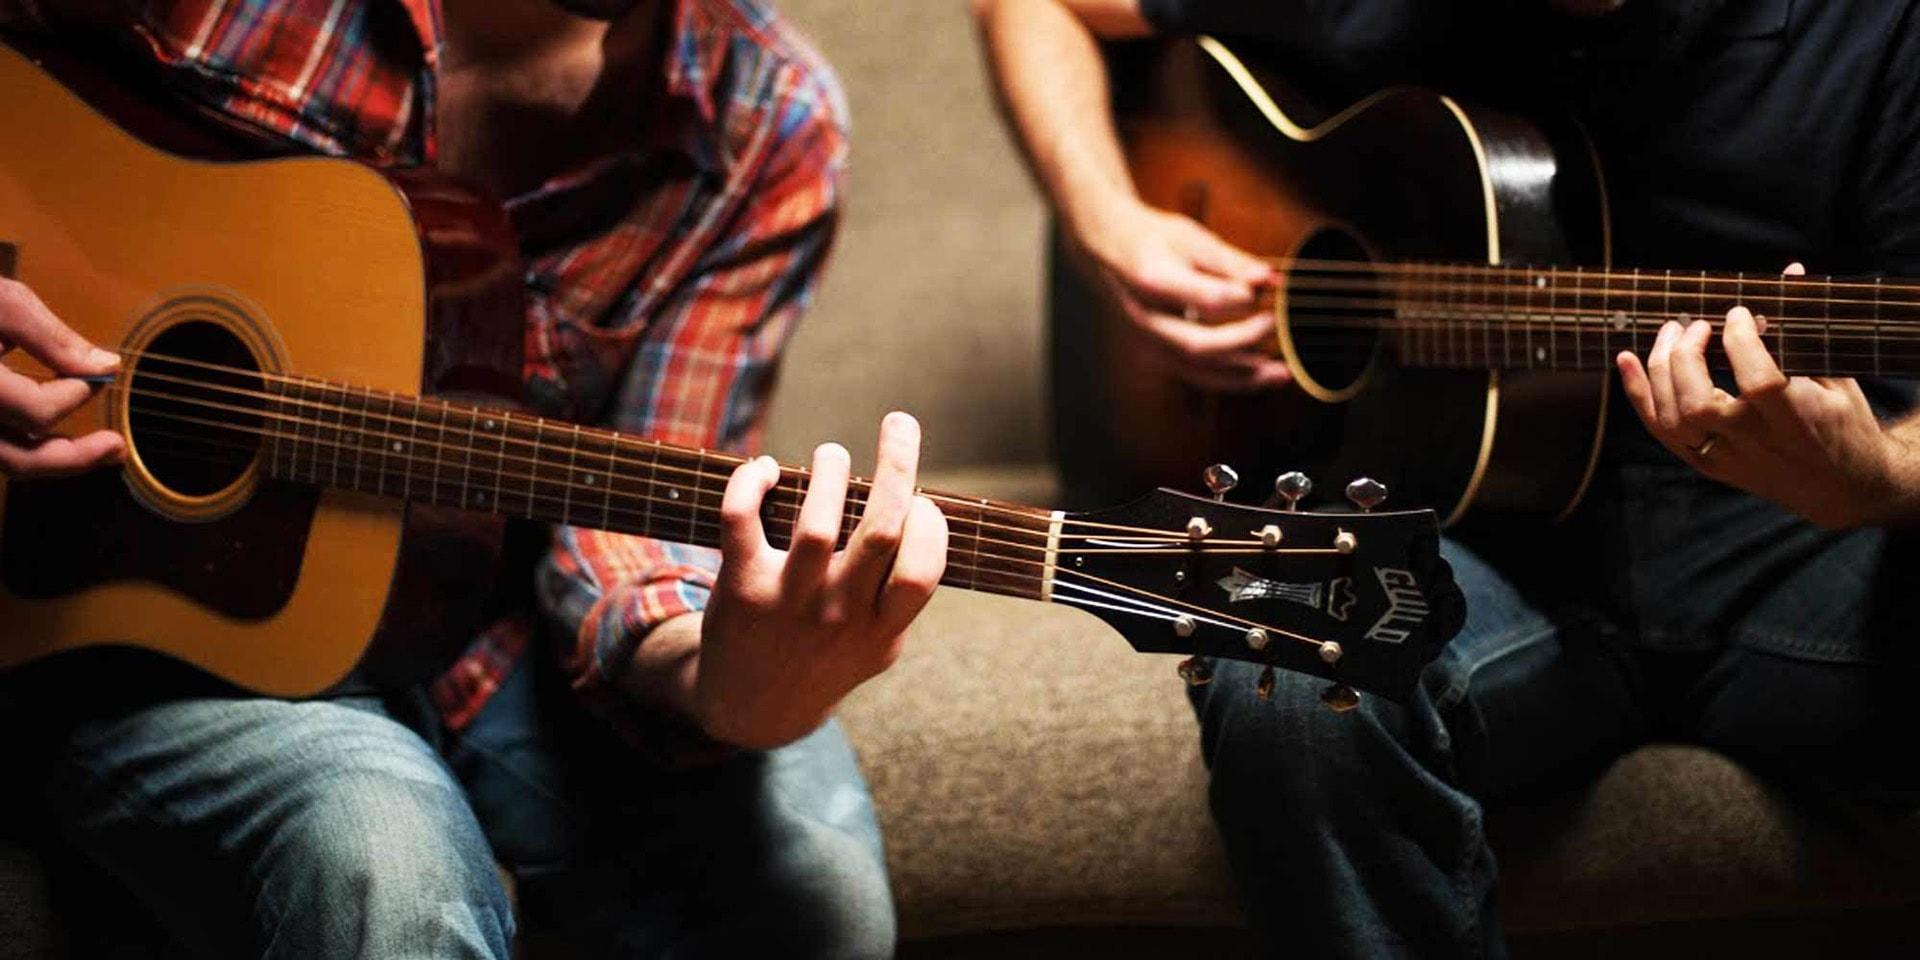 給第一次接觸木吉他的朋友們~初學吉他最常遇到的問題